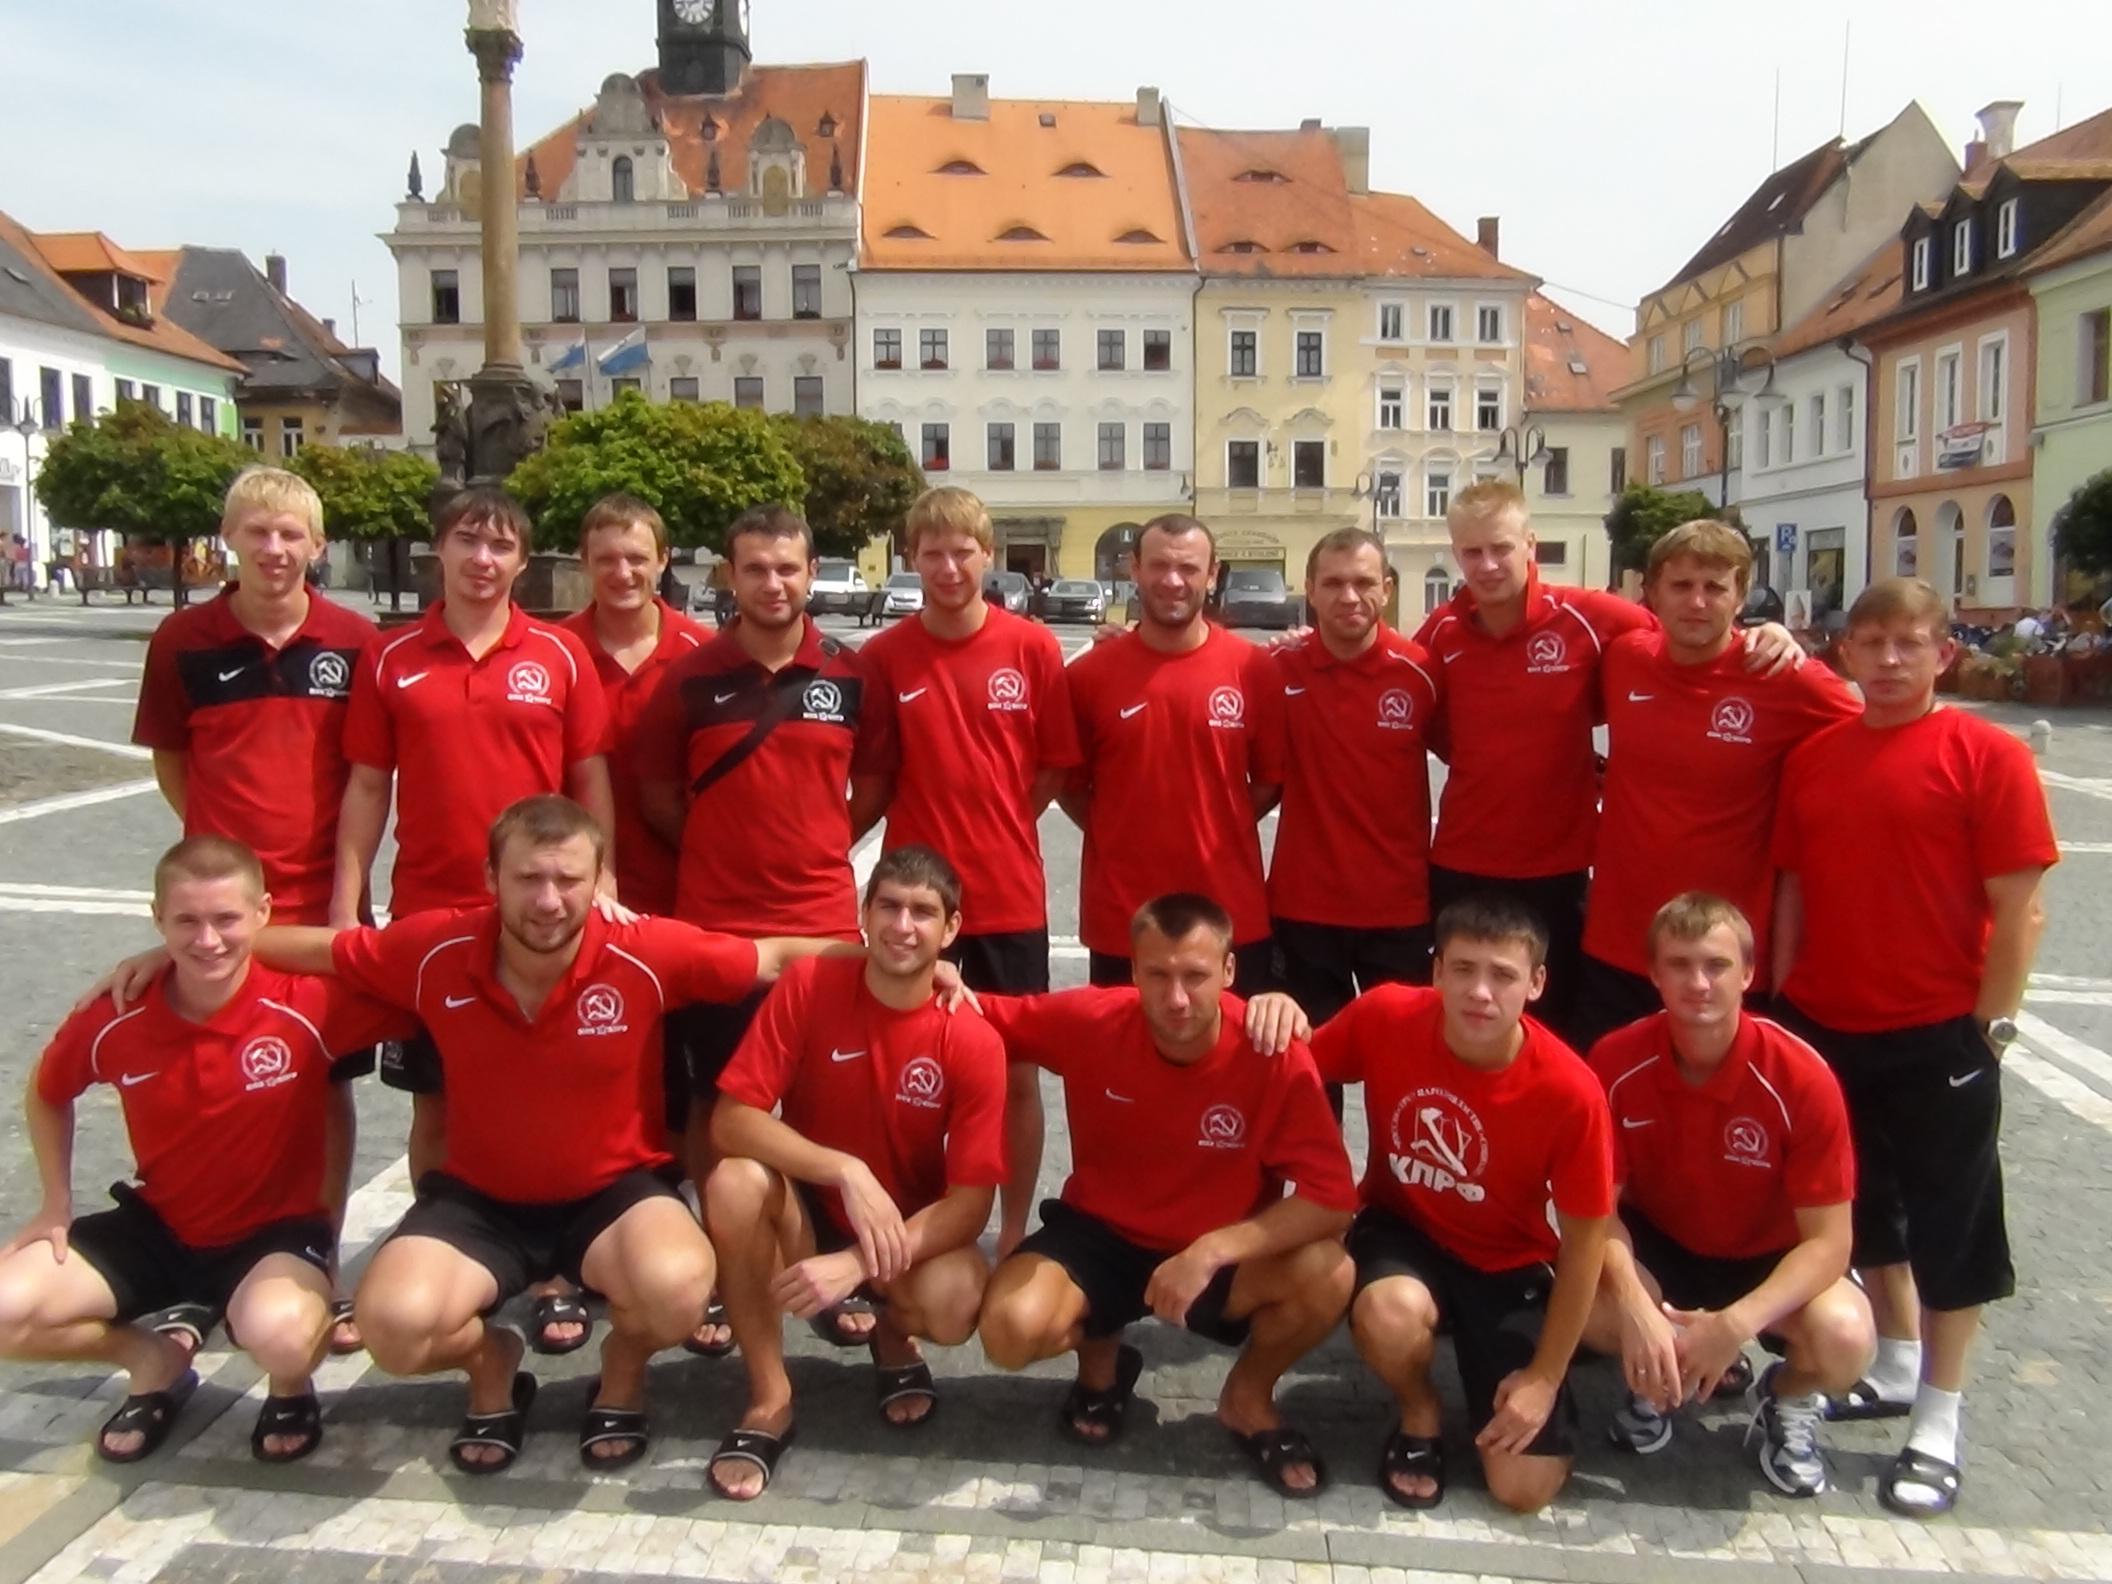 МФК КПРФ на сборах в Чехии